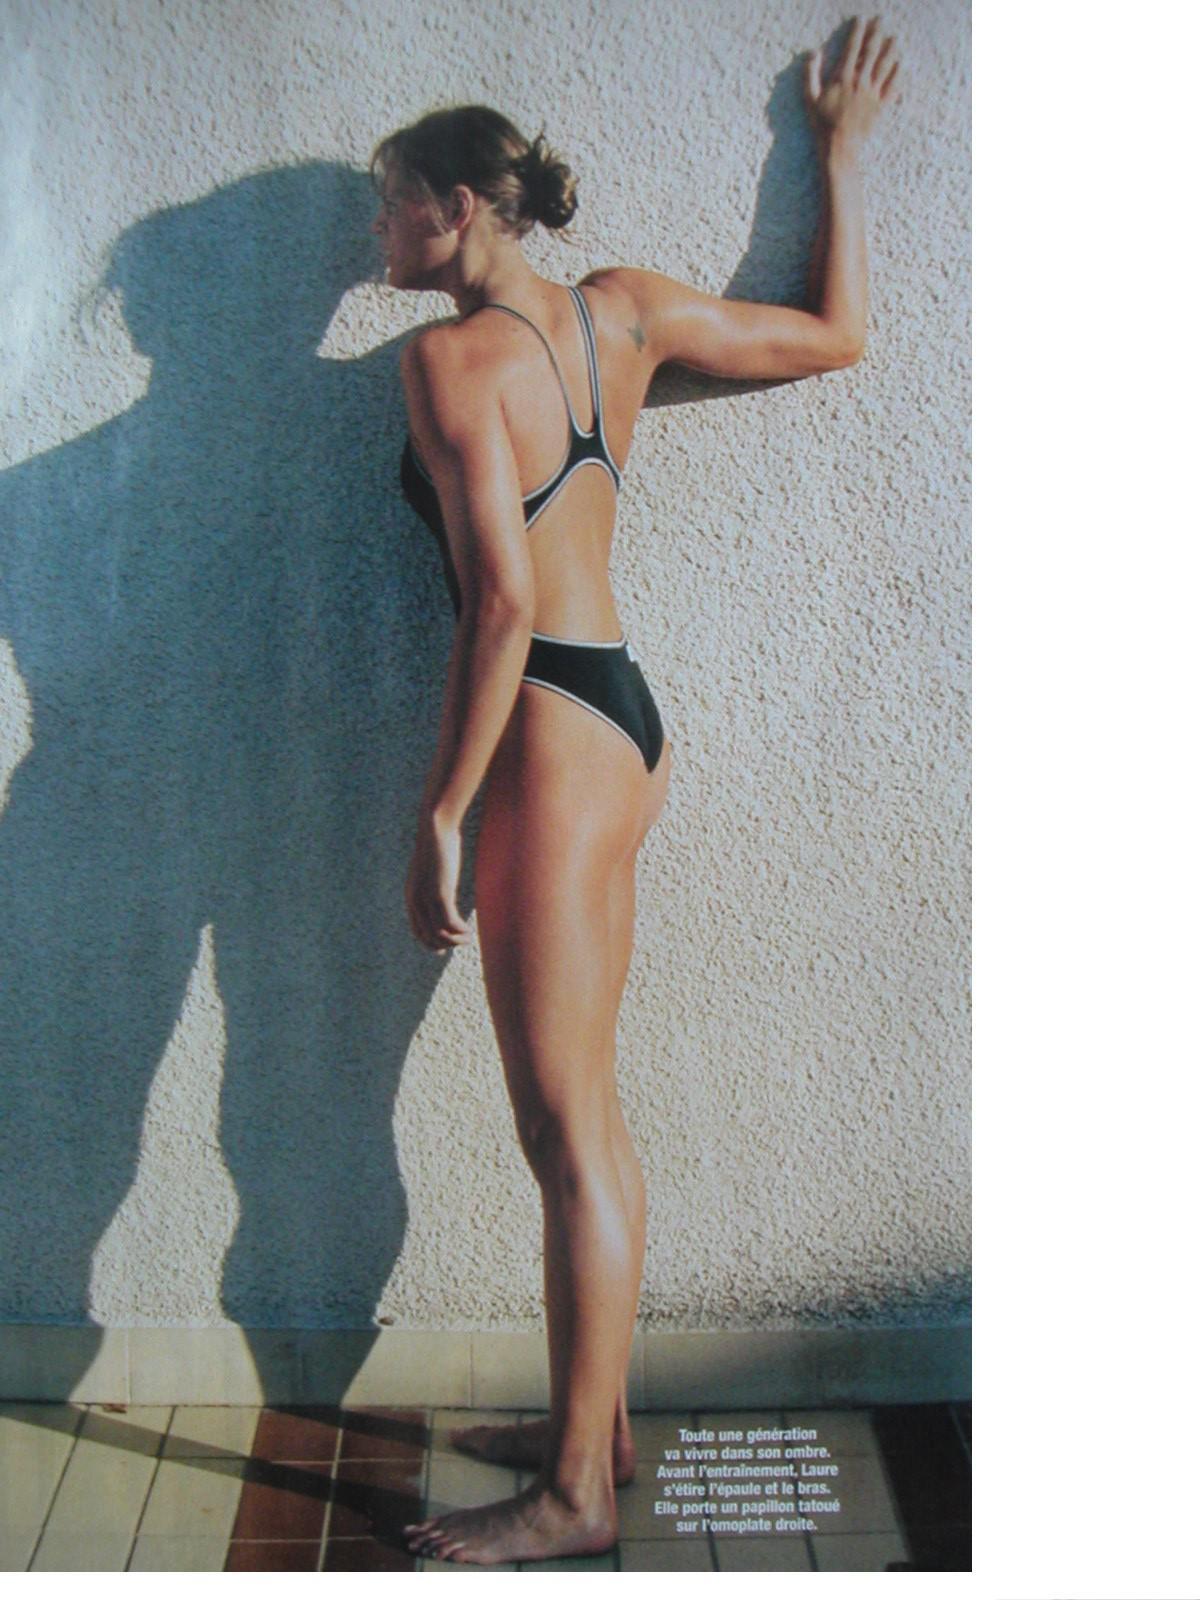 Laura manaudou fotos desnudas